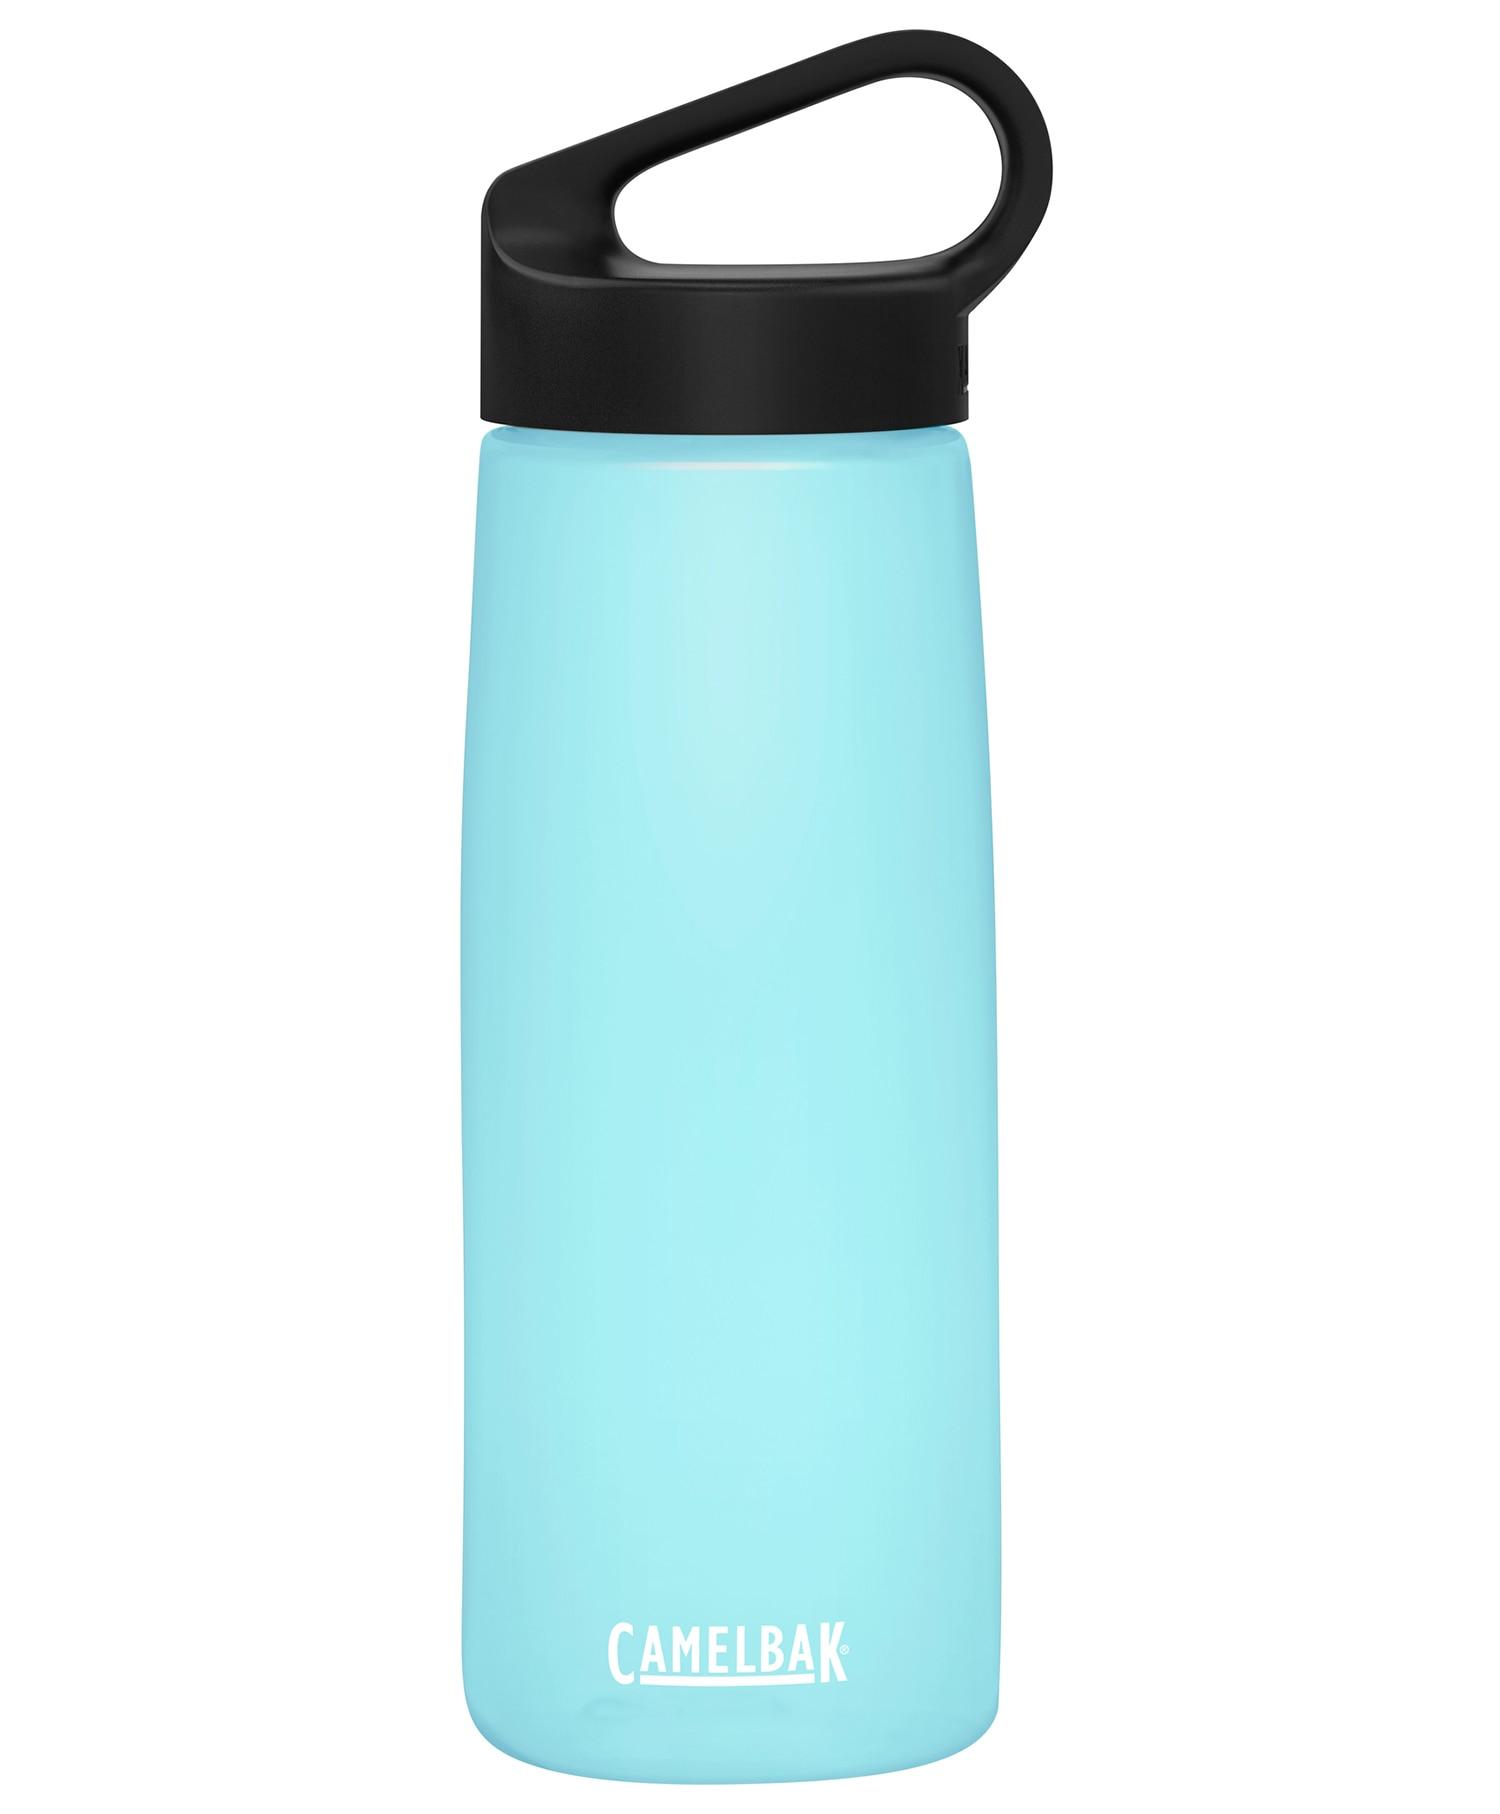 Camelbak Drikkeflaske